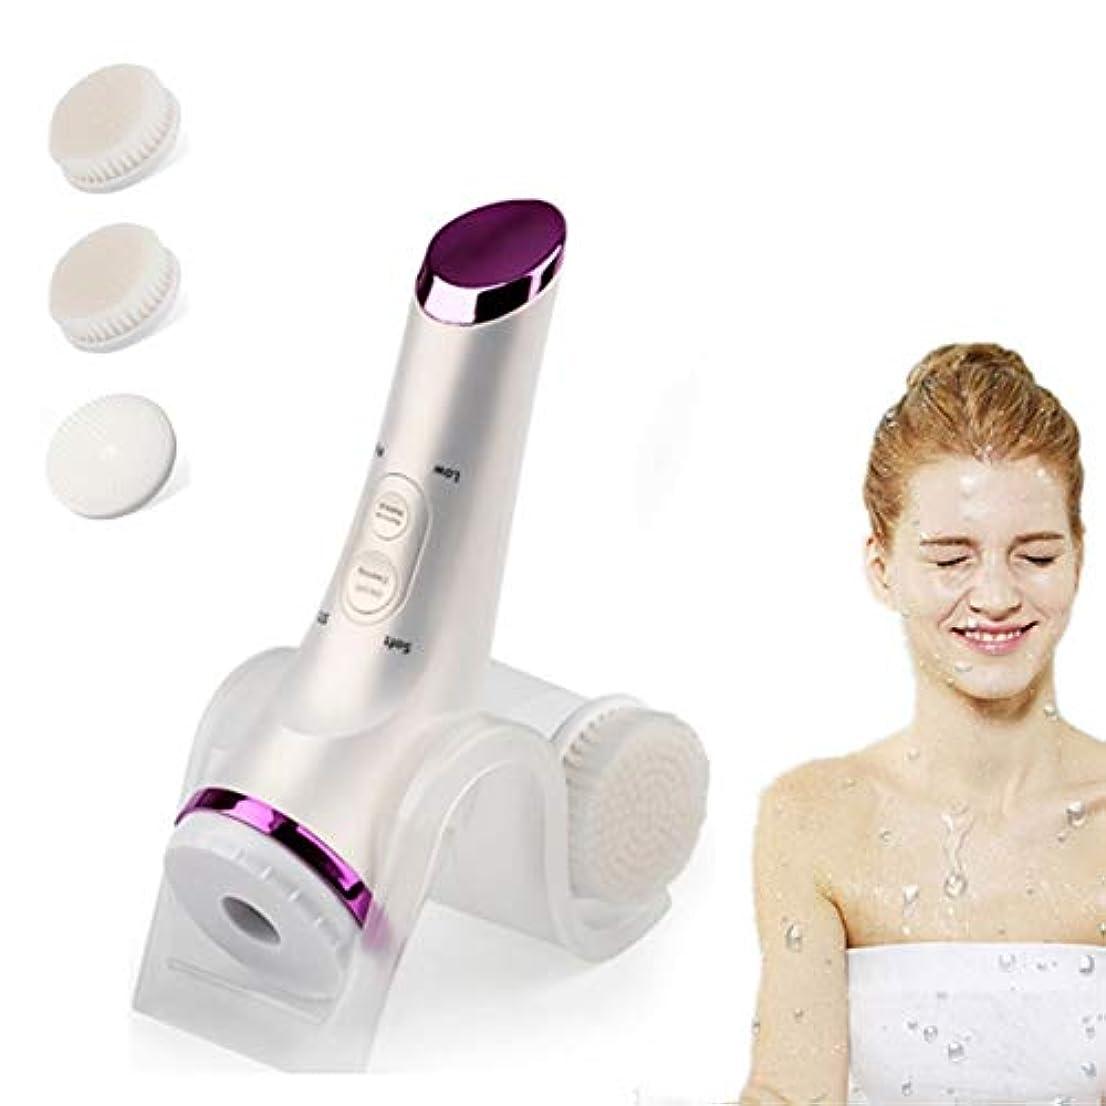 振幅カメラ受動的5つ1つの防水表面ブラシの剥離ブラシセット、にきびの除去オイル制御の電気美顔術の清潔になるブラシの心配の穏やかな剥離及び深い摩擦を白くする顔の表面洗剤